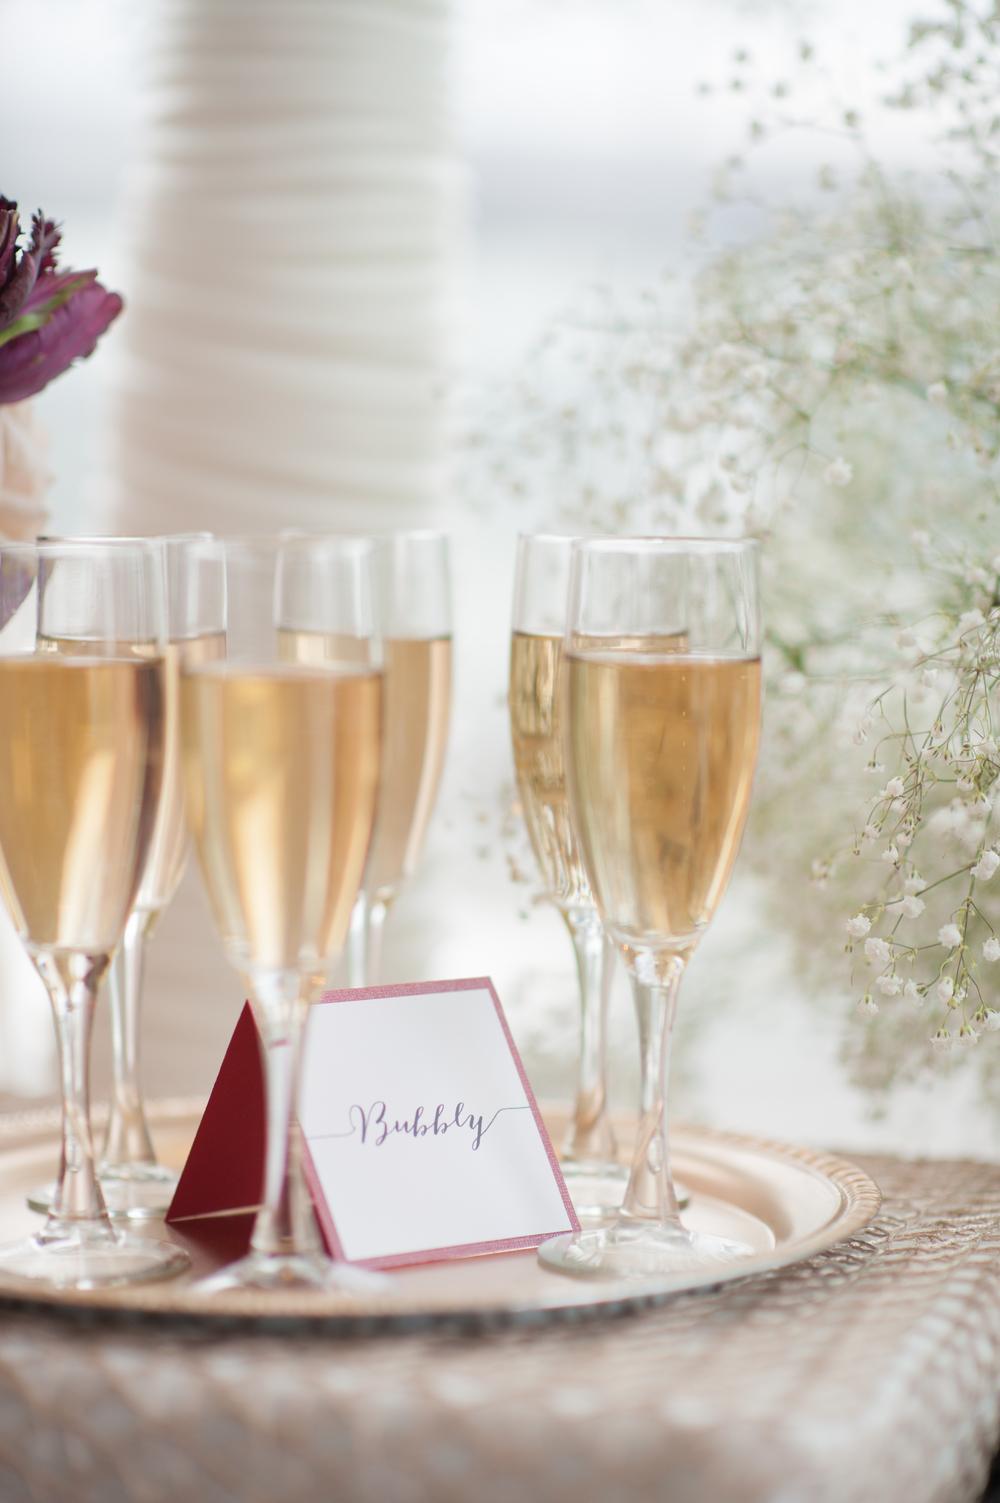 ThompsonHotel_modern_wedding_toronto-134.jpg